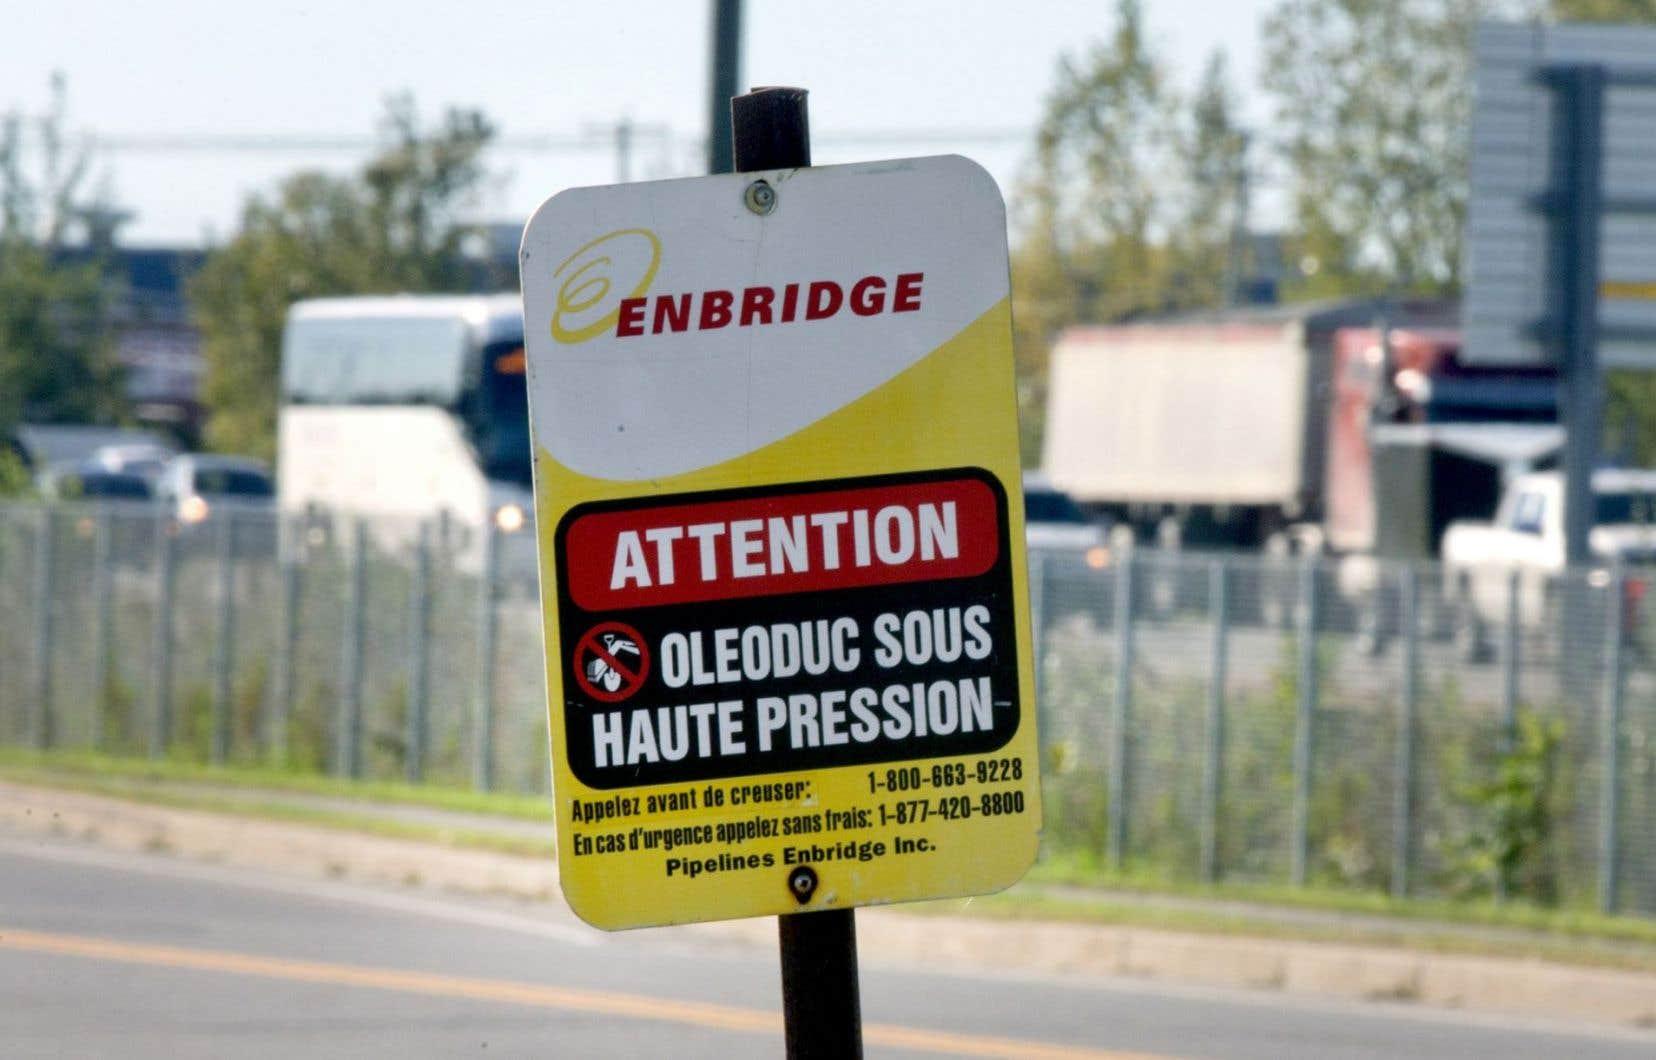 Le gestionnaire de régimes de retraite de millions de Québécois a accru sa participation dans d'autres entreprises actives dans l'industrie des pipelines au Canada.